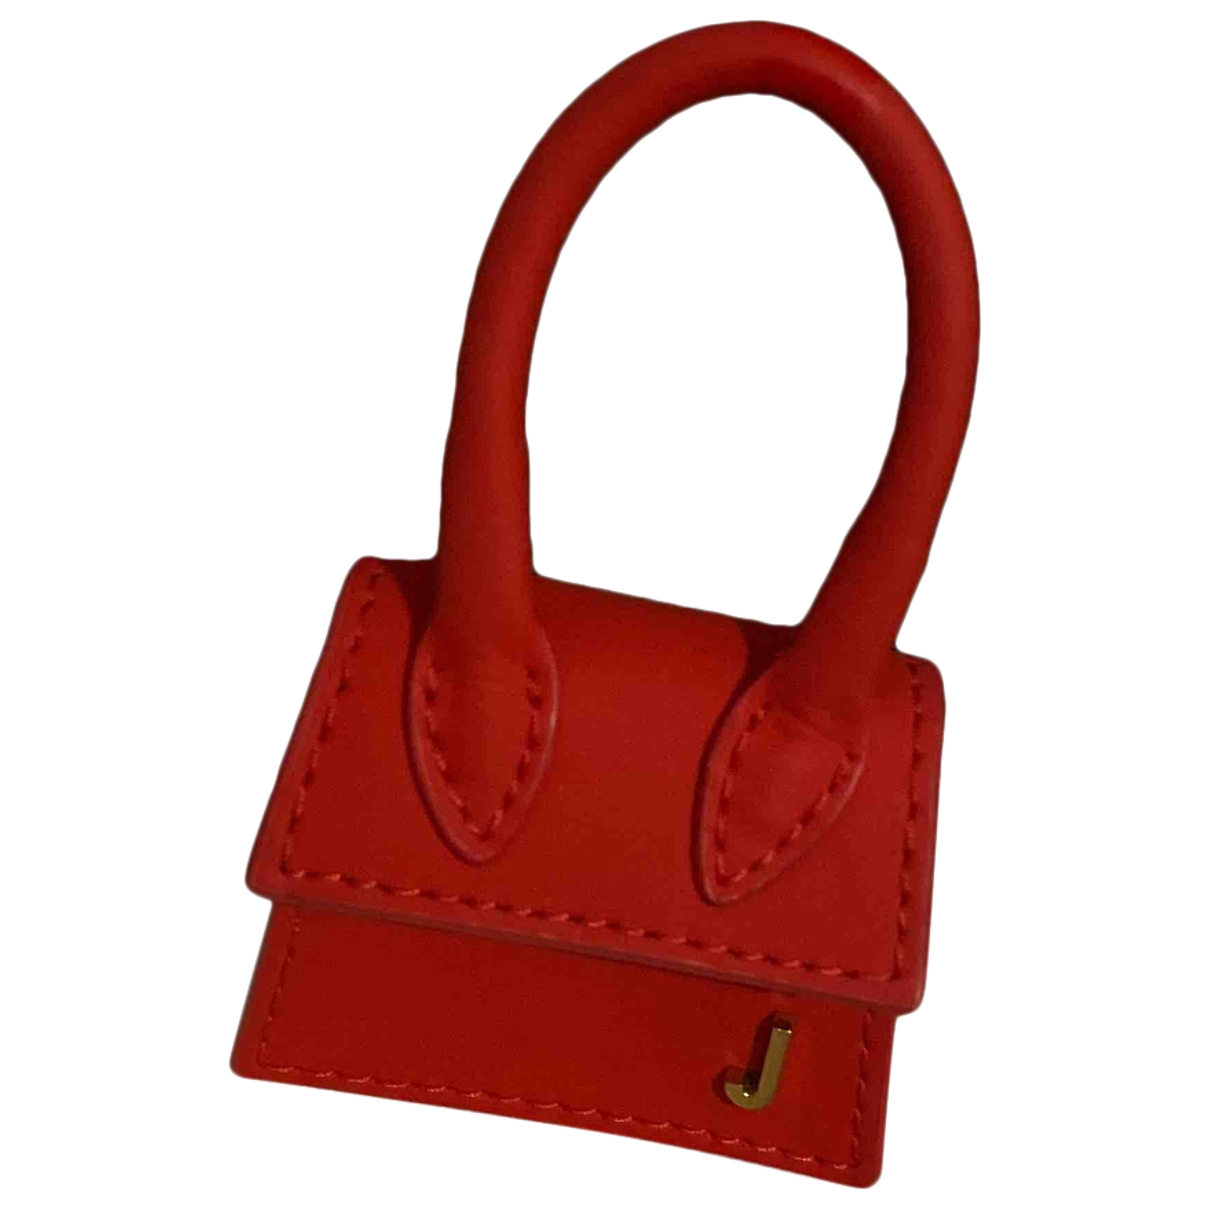 Jacquemus - Sac a main Le Petit Chiquito pour femme en cuir - rouge